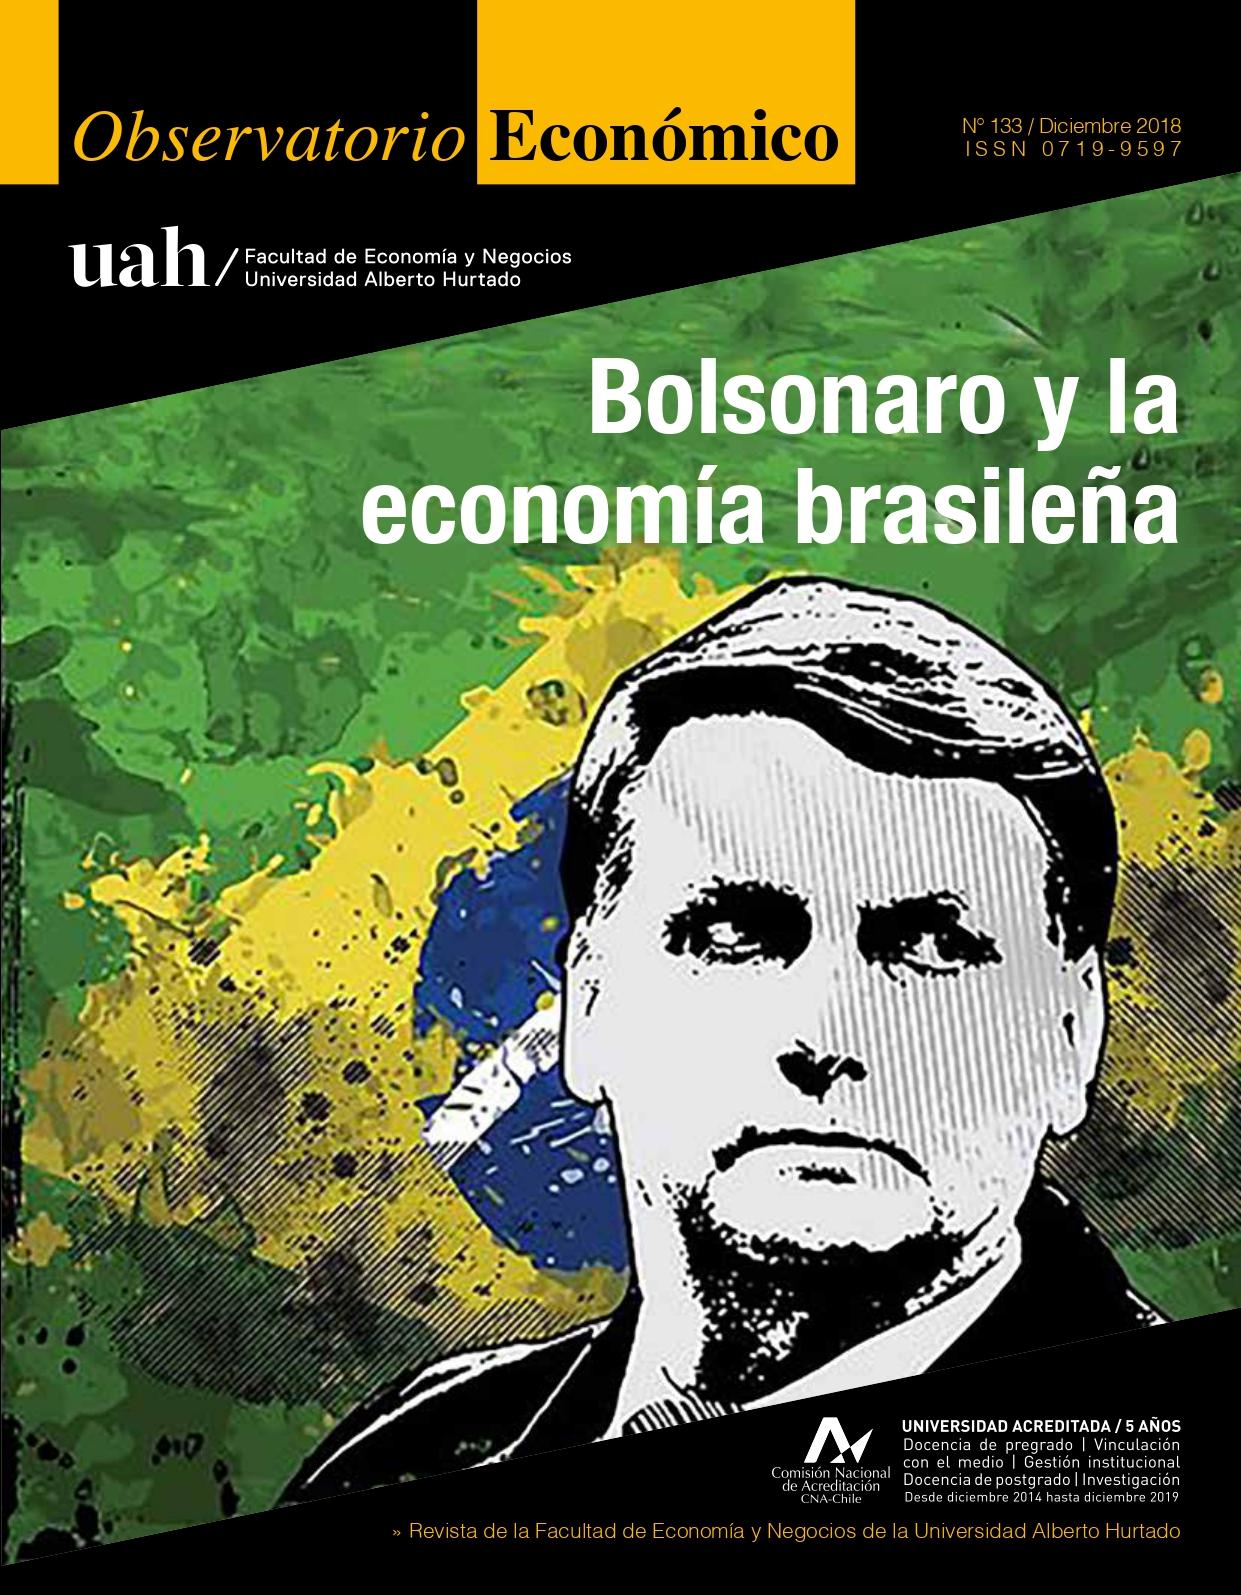 """Título del número de la revista : """"Bolsonaro y la economía brasileña"""""""